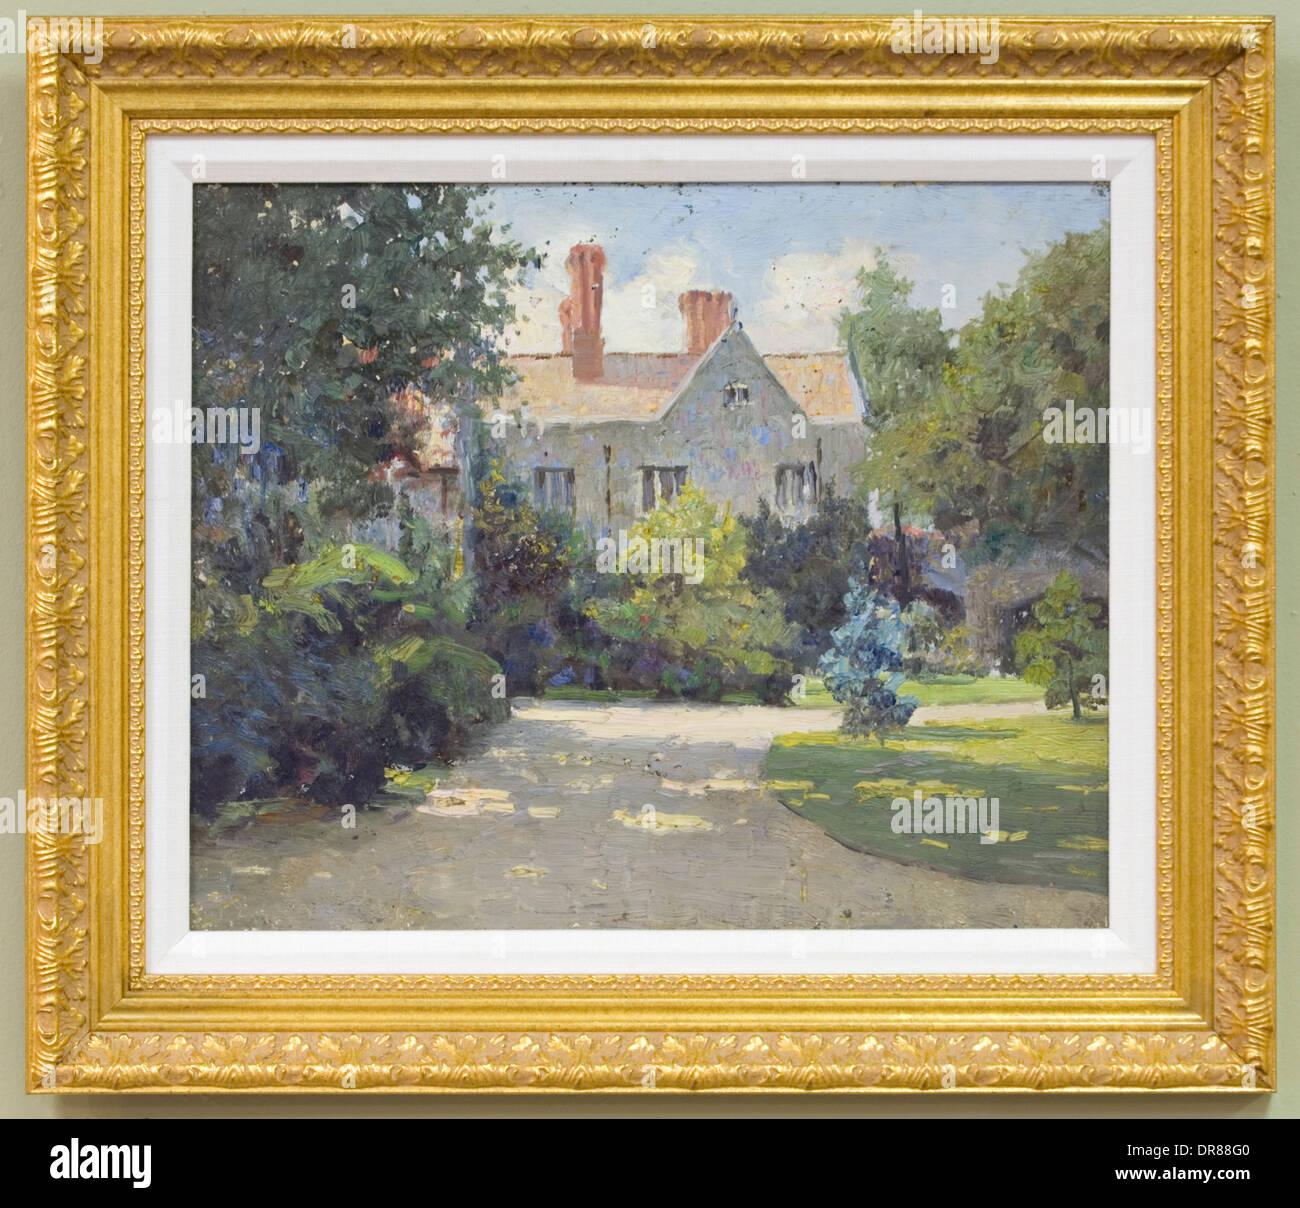 Paul Sawyier Original Painting - Stock Image